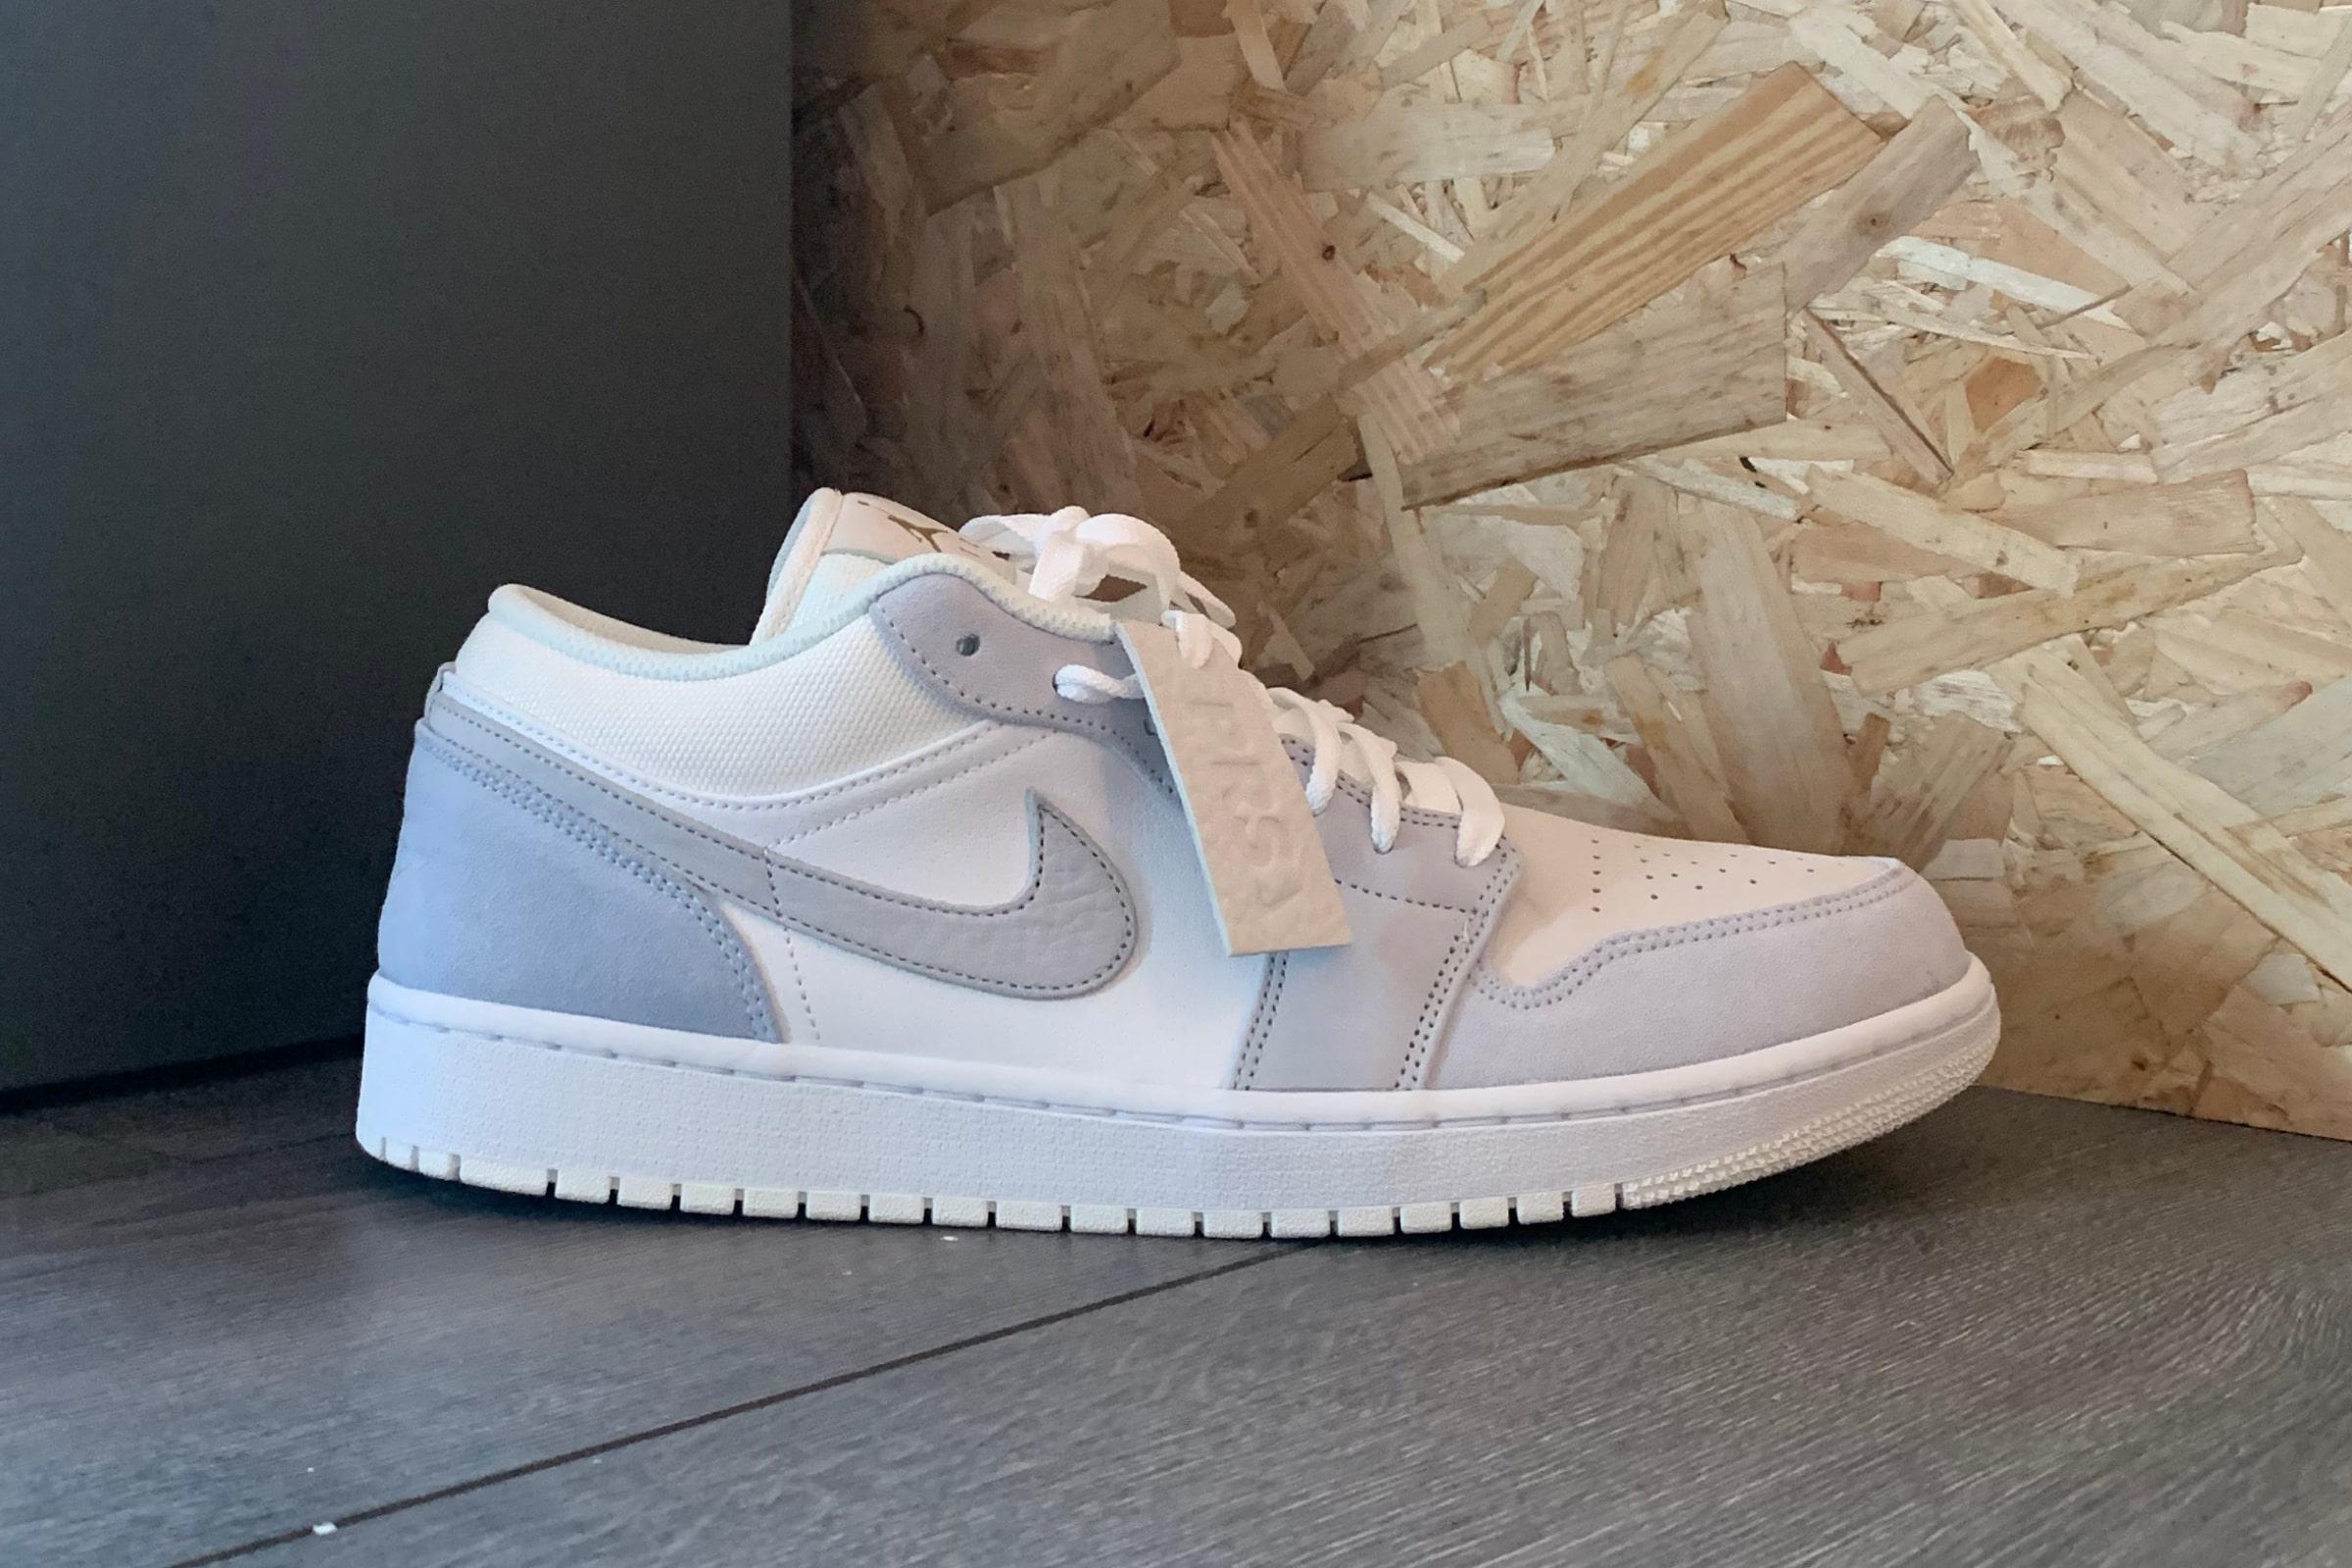 Nike Air Jordan 1 Low 'Paris' - 2020